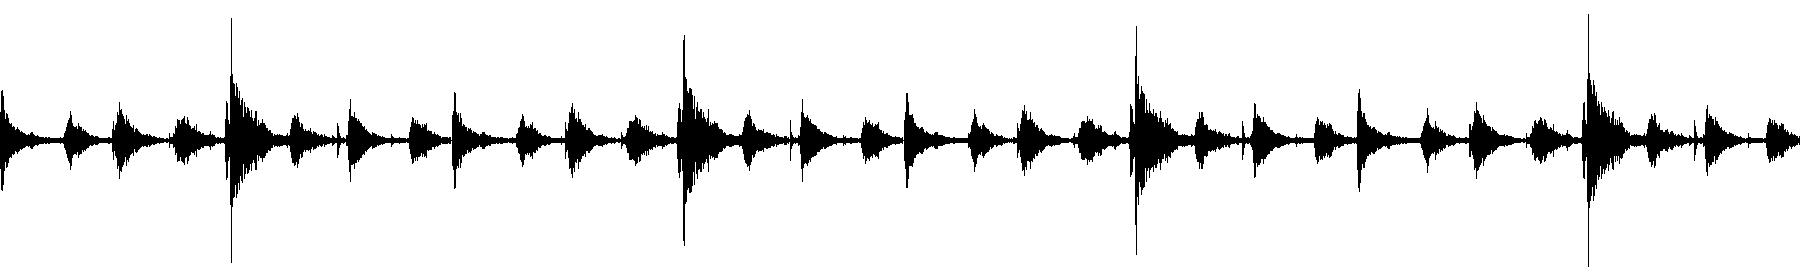 ehp percloop 130 21